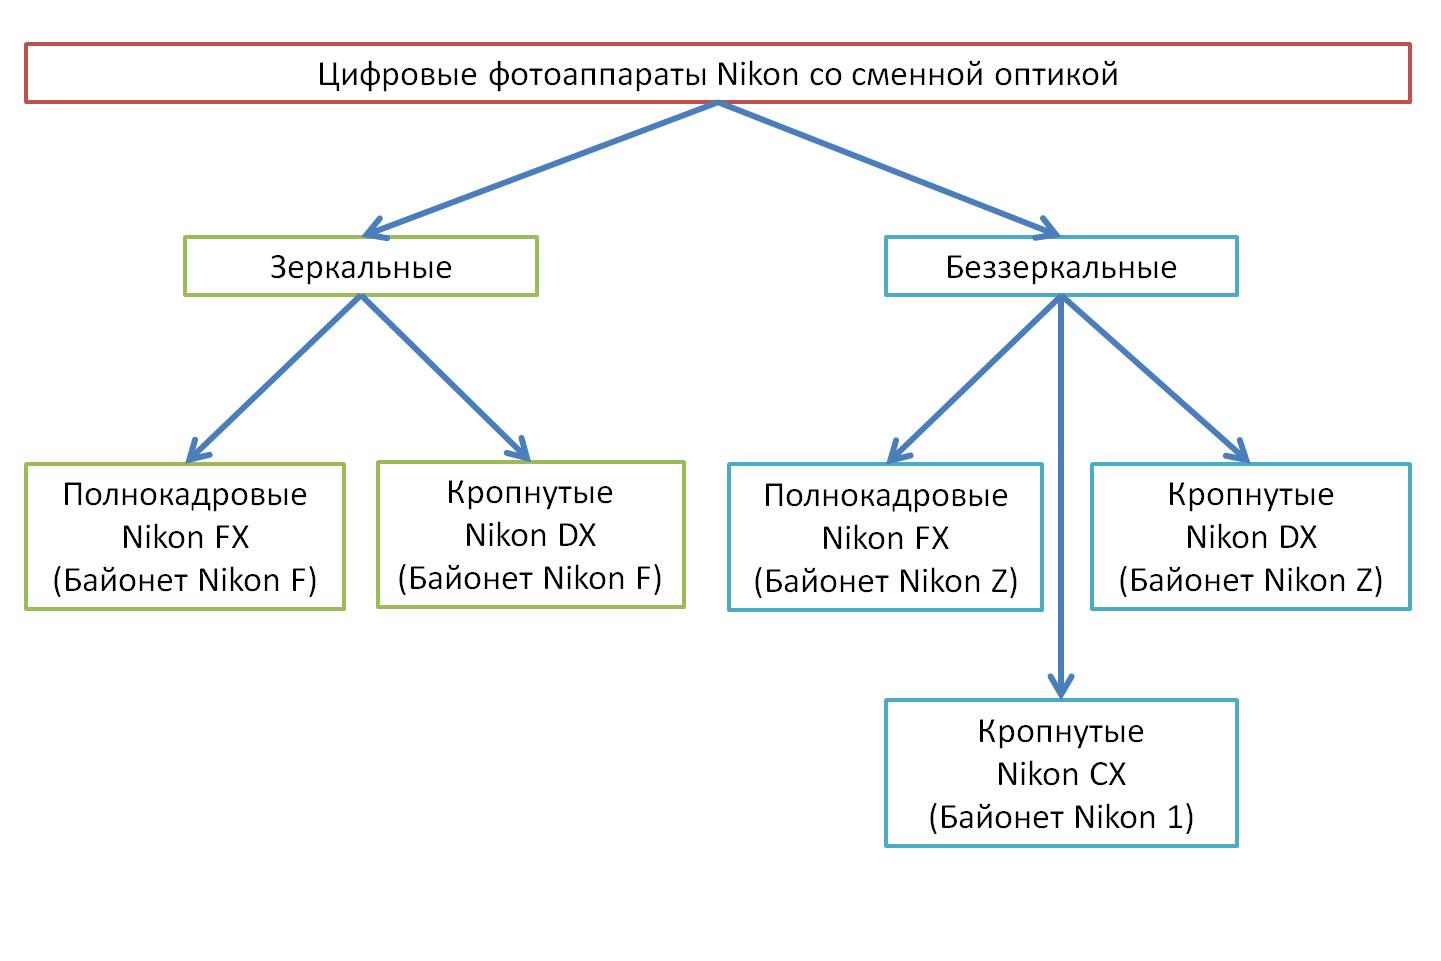 Основное разделение фотоаппаратов Nikon со сменными объективами